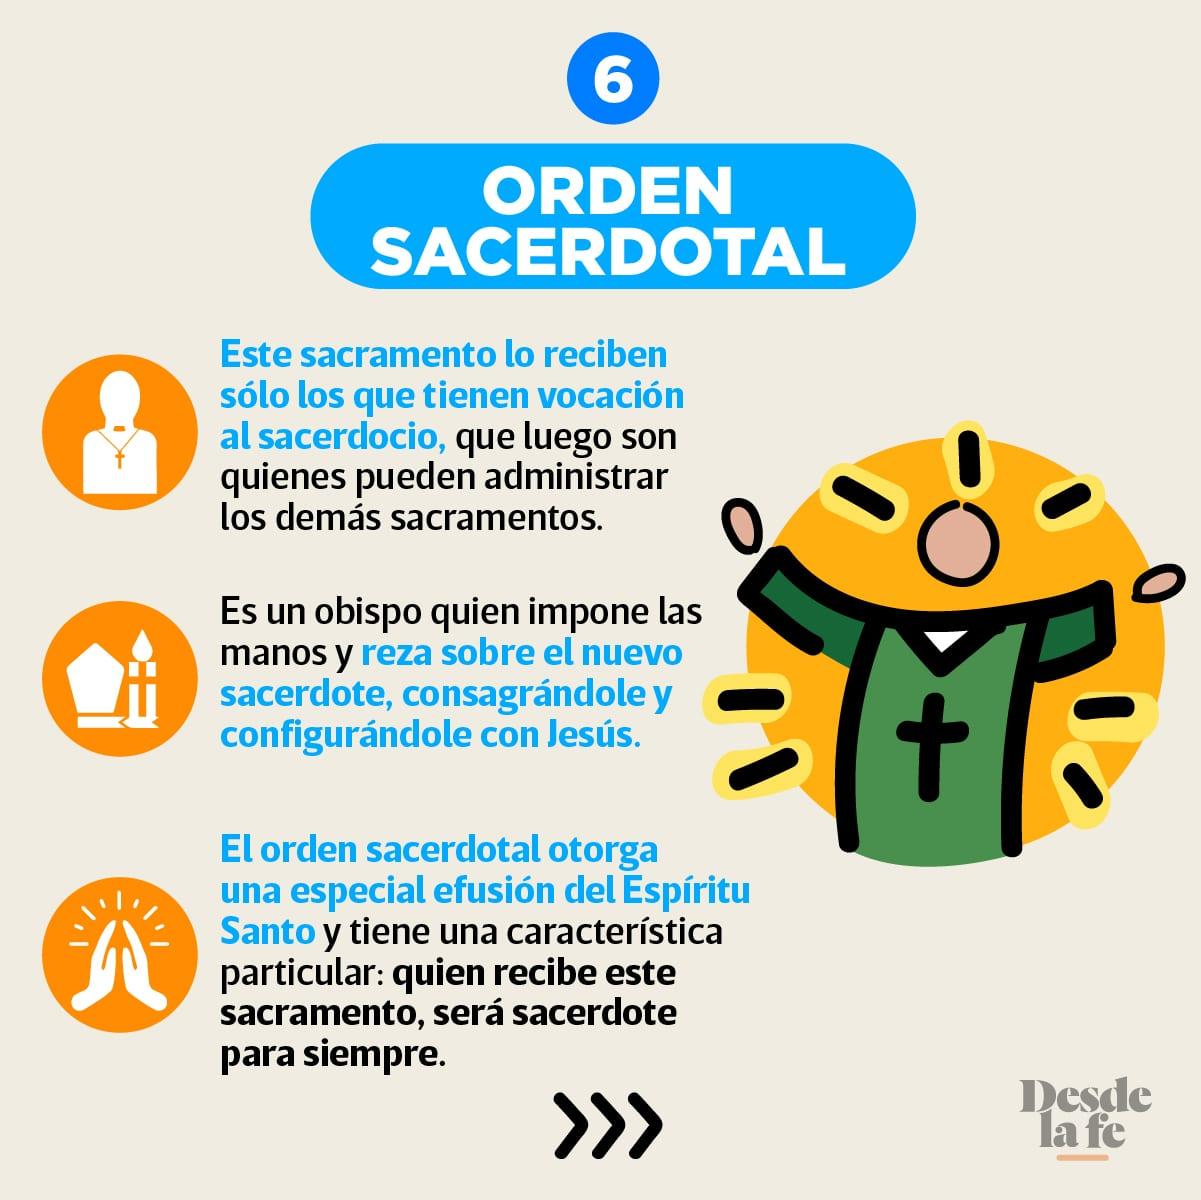 La Orden Sacerdotal es uno de los 7 Sacramentos de la Iglesia.